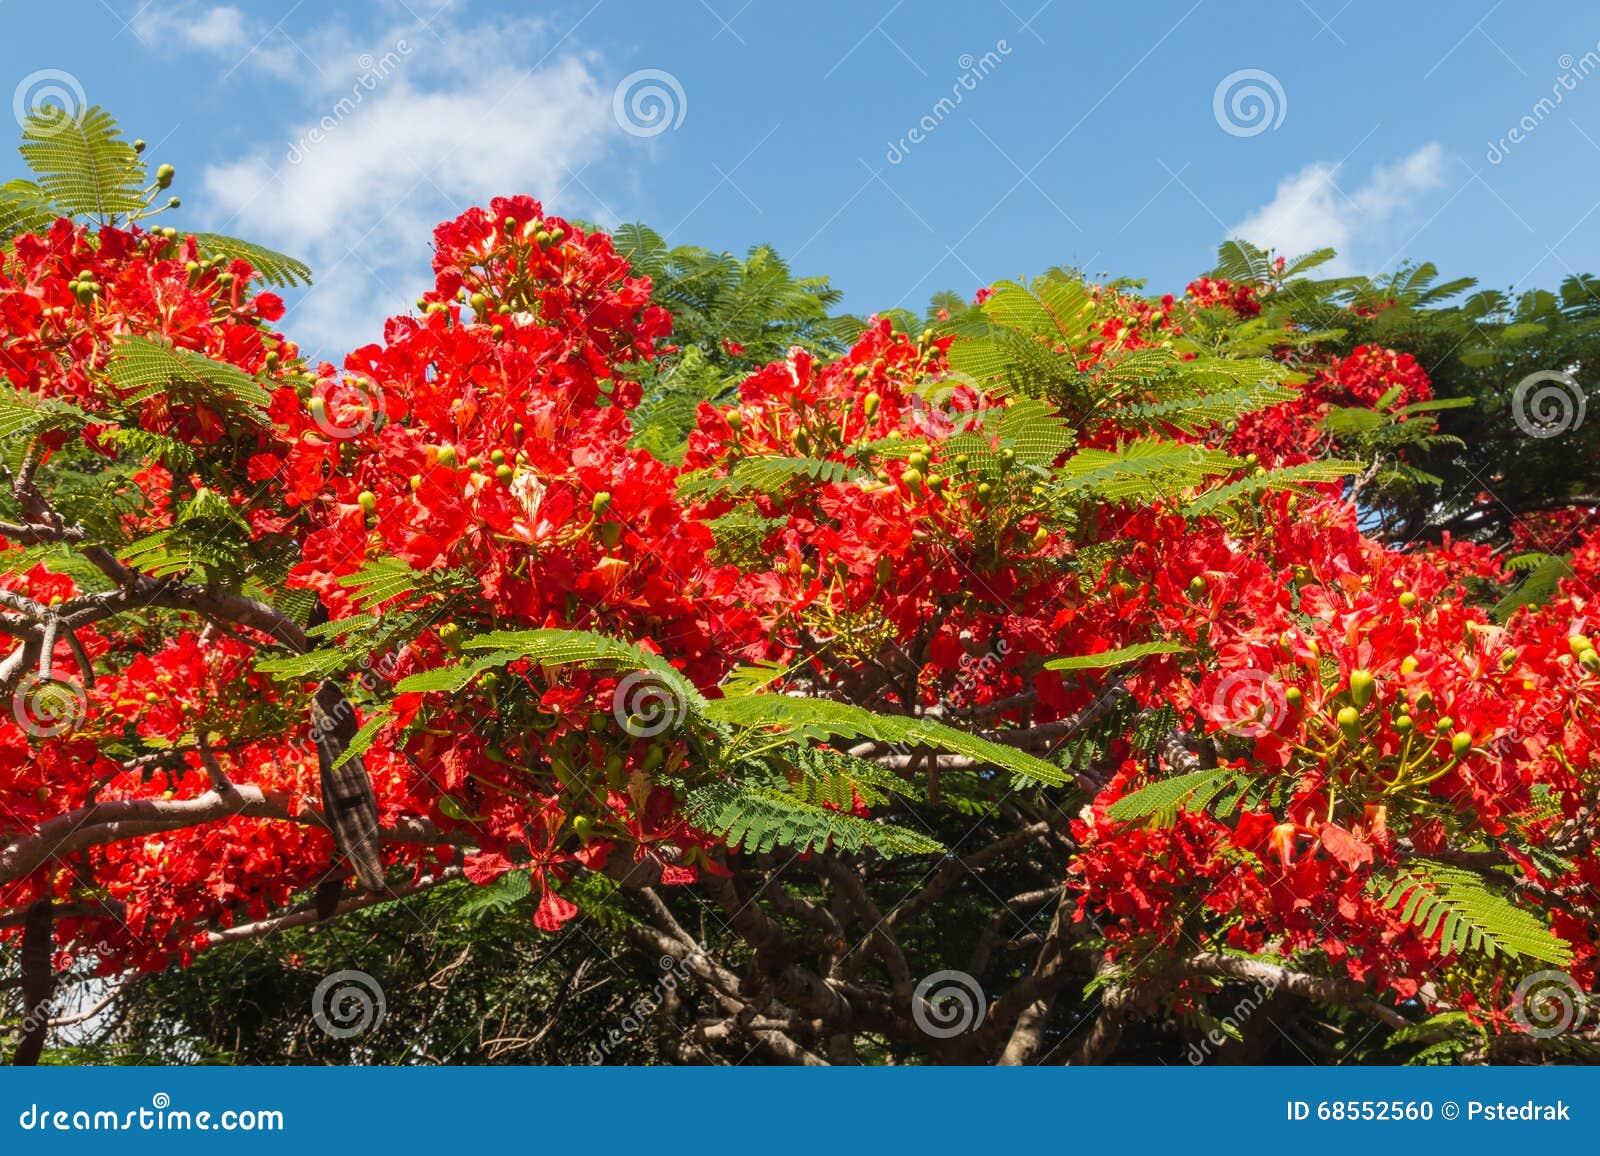 Fiori di rosso dell 39 albero dell 39 acacia fotografia stock for Acacia albero